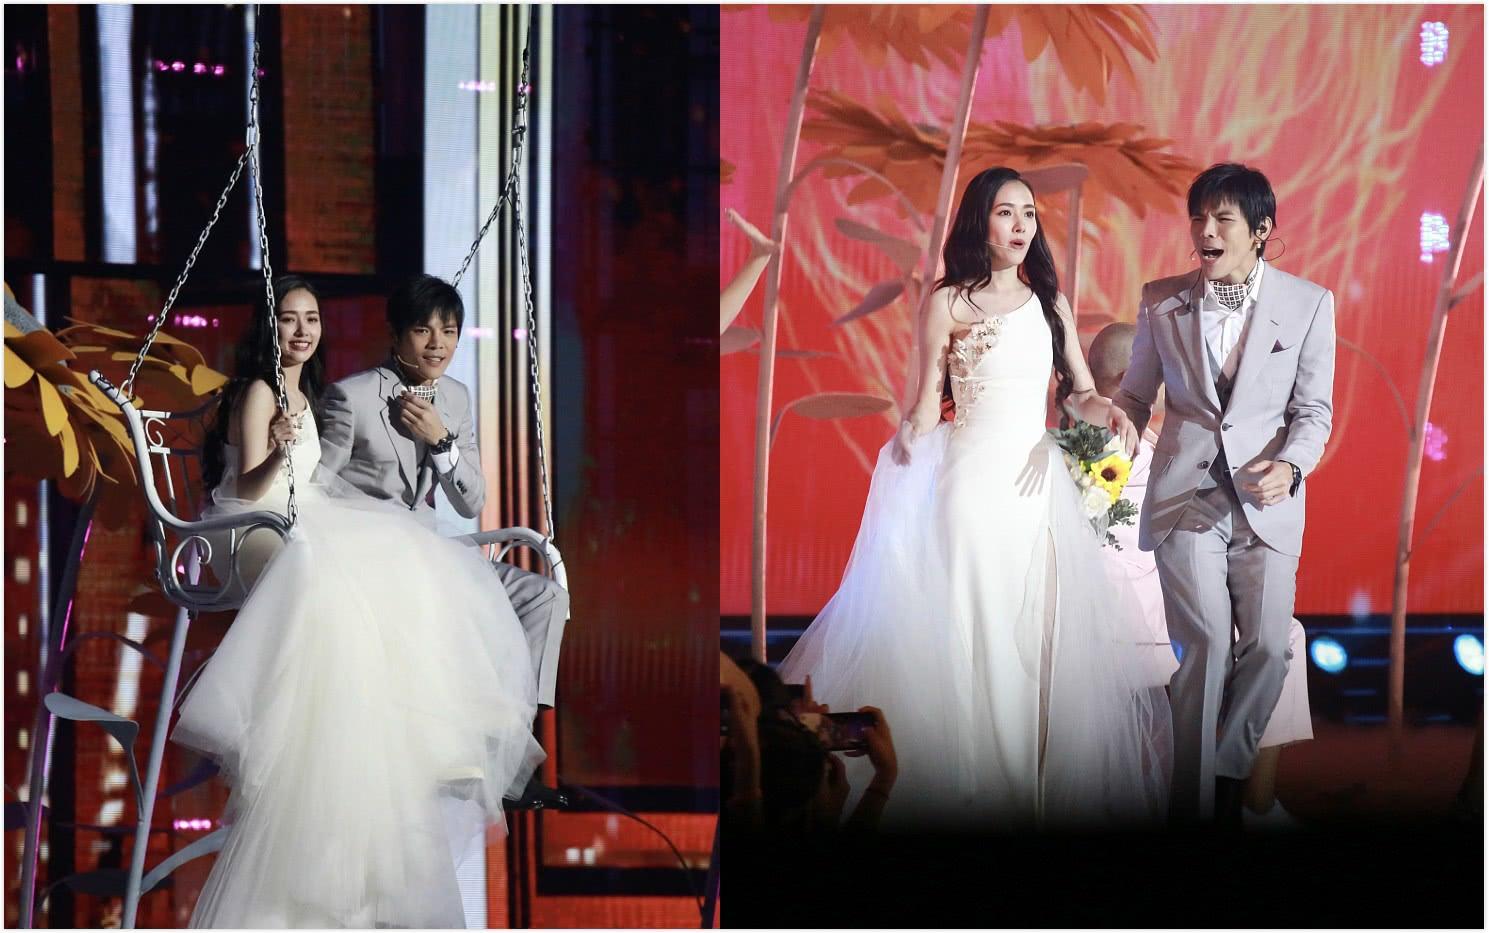 郭碧婷穿白色开叉裙仙气十足,却被同框向佐抢镜:表情包太多了